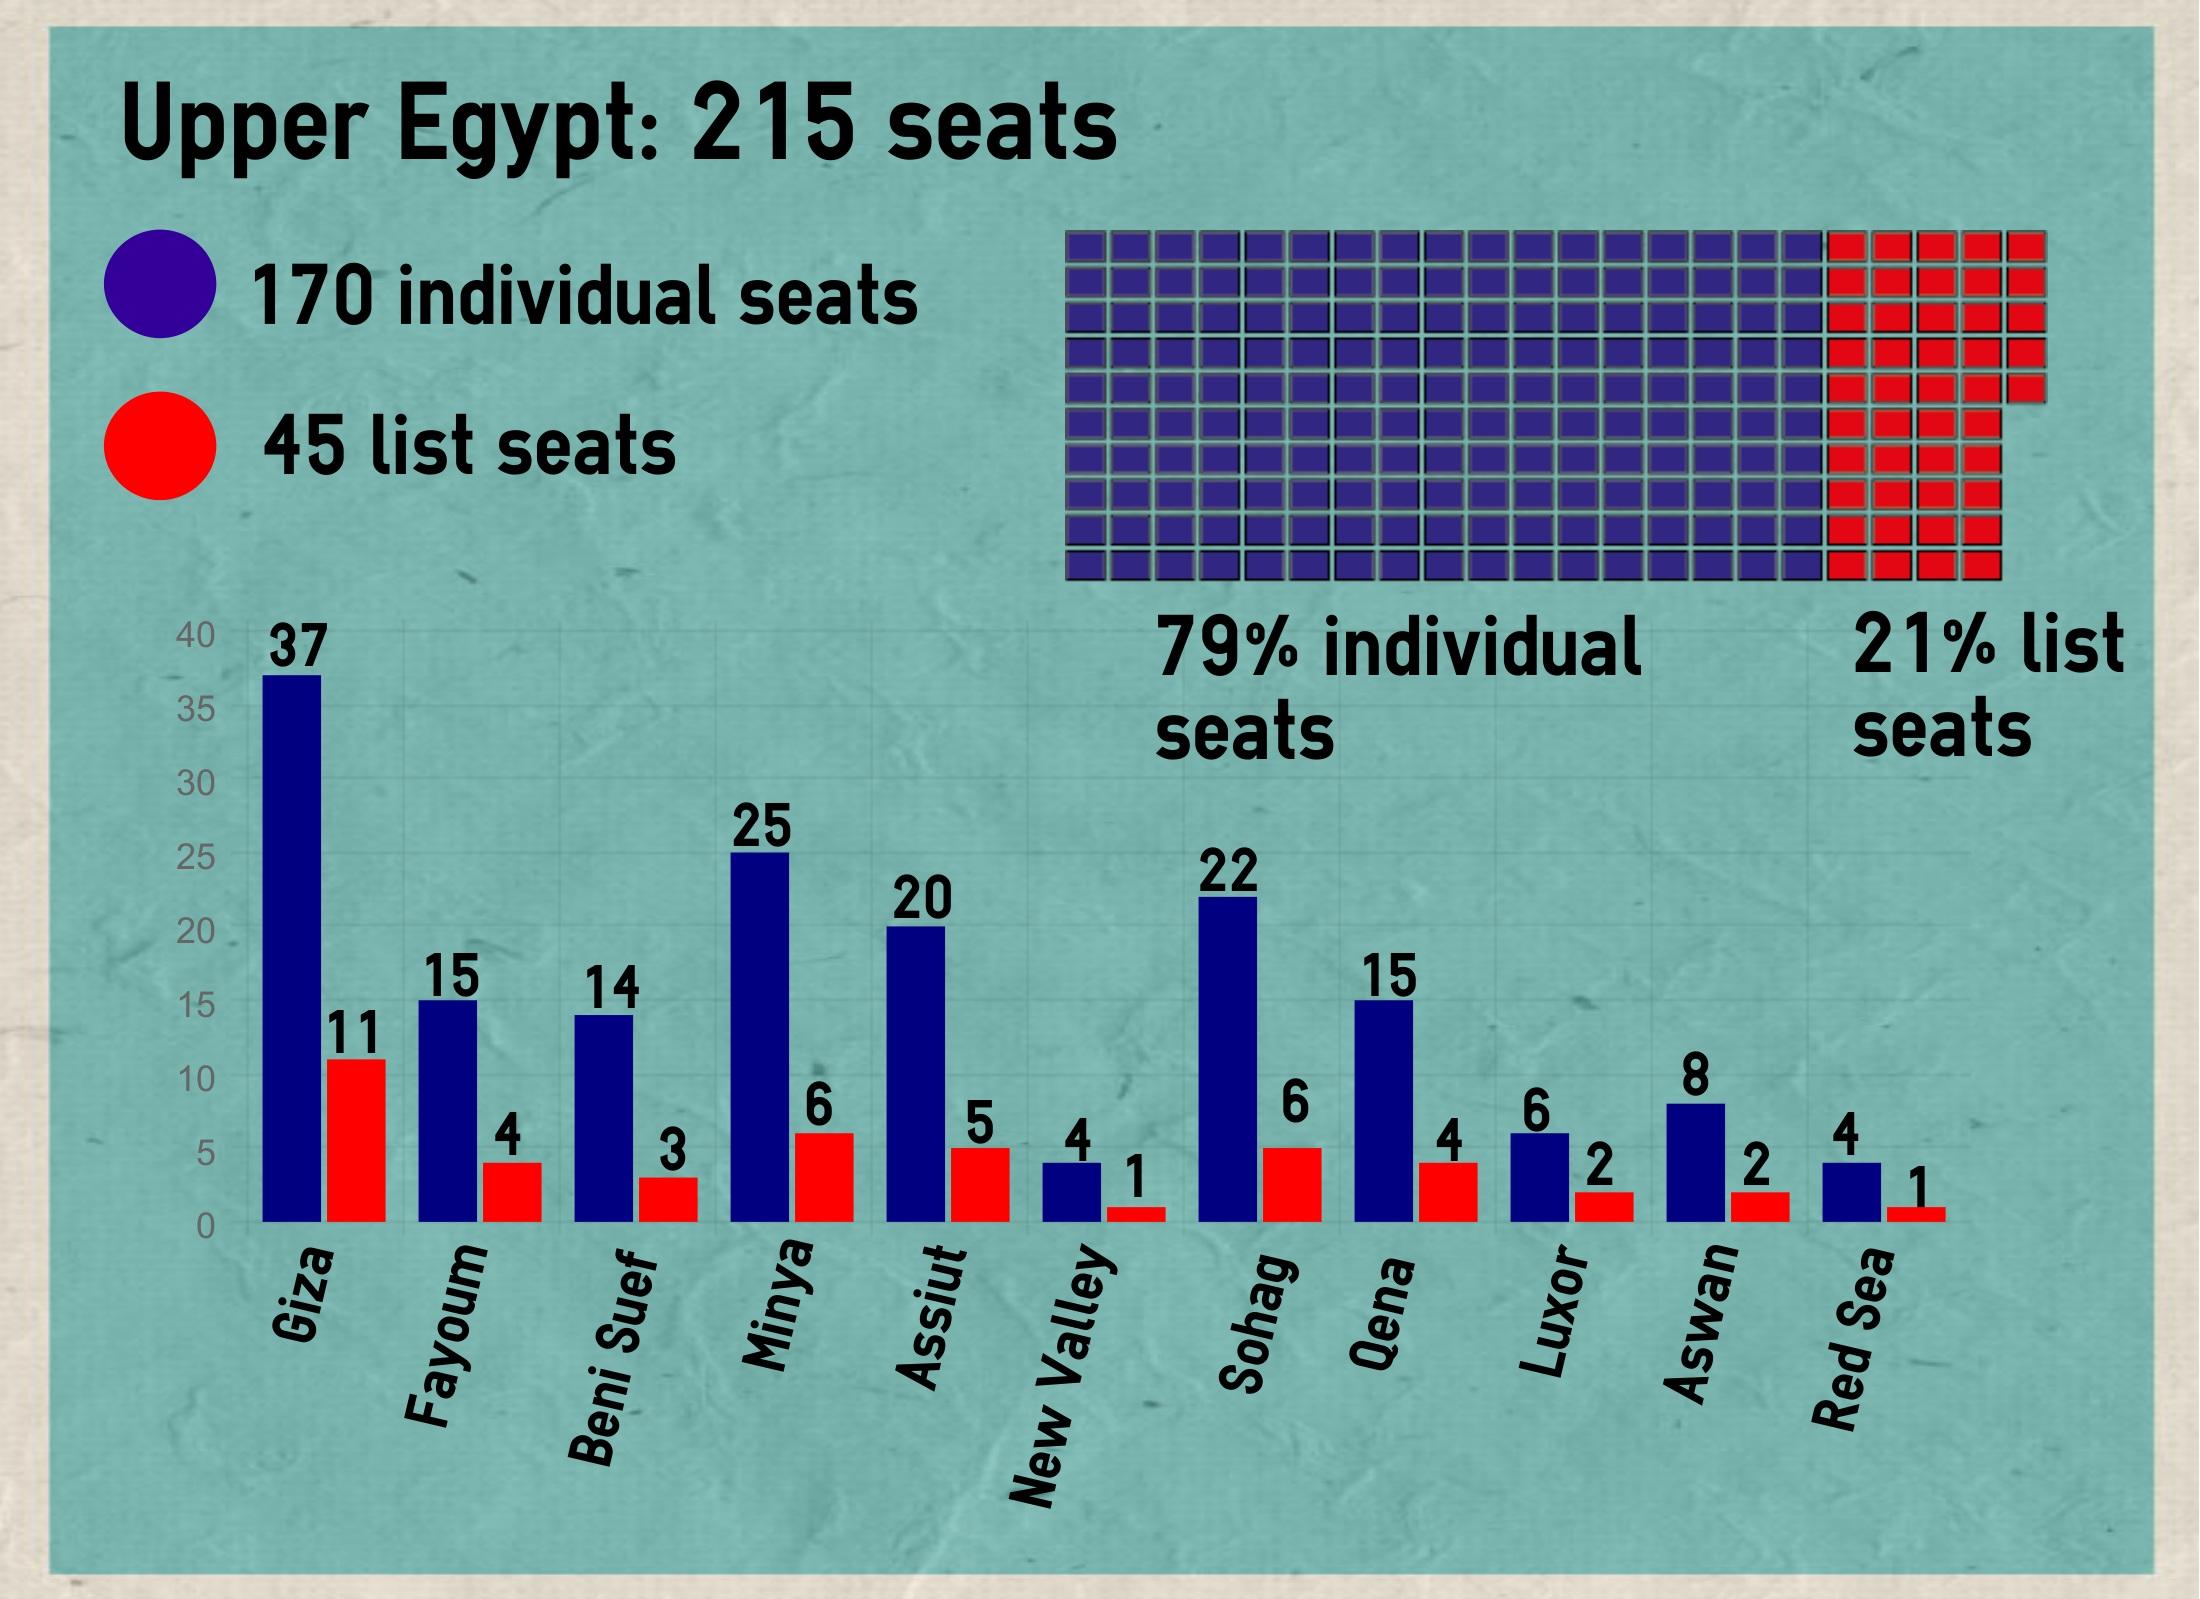 Upper Egypt parliament seats 2015